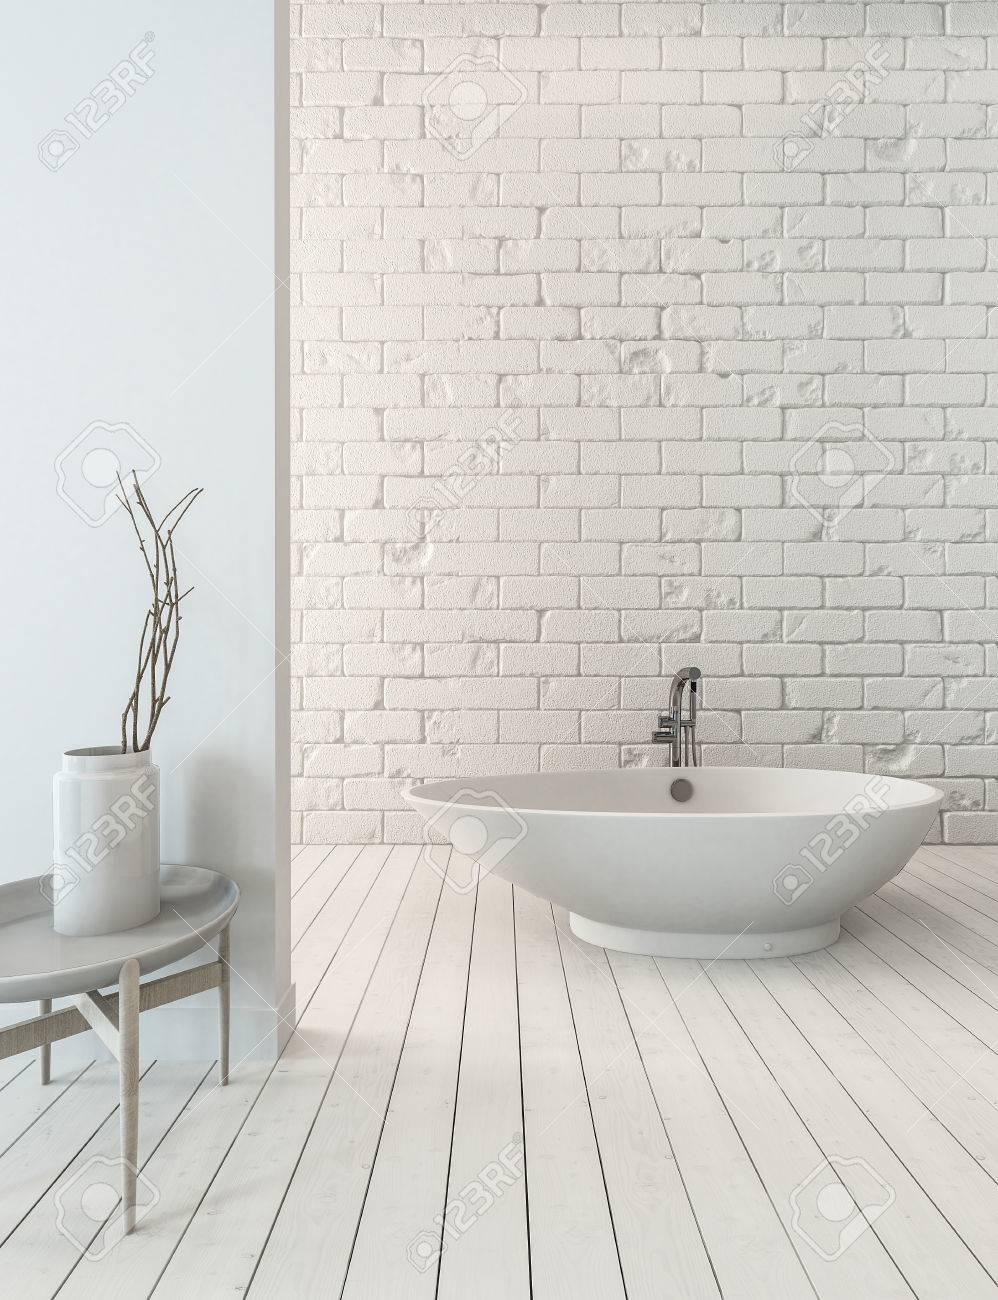 Rendu 3D De La Baignoire Fantaisie Sur Le Plancher Planche En Bois Evier A Cote Dans Une Salle Bains Simple Luxe Avec Mur Briques Blanches